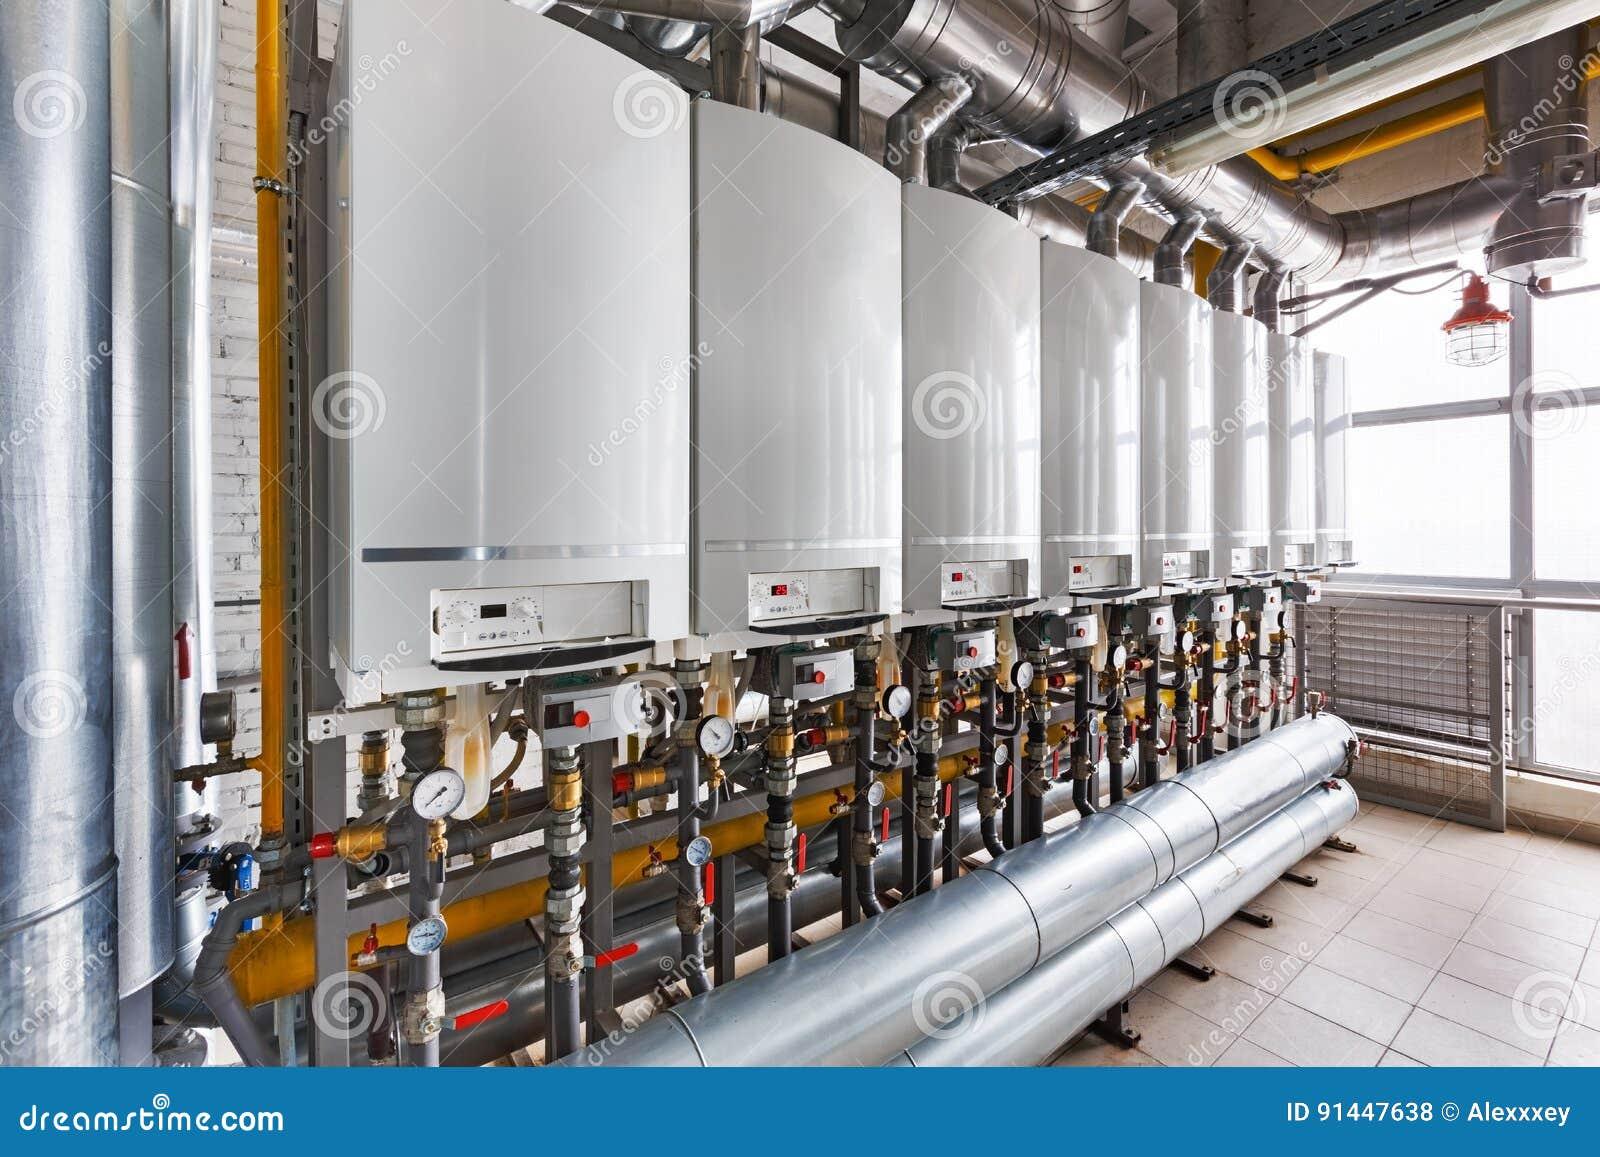 Εσωτερικό του σπιτιού βιομηχανικών, λεβήτων αερίου με πολλούς λέβητες α